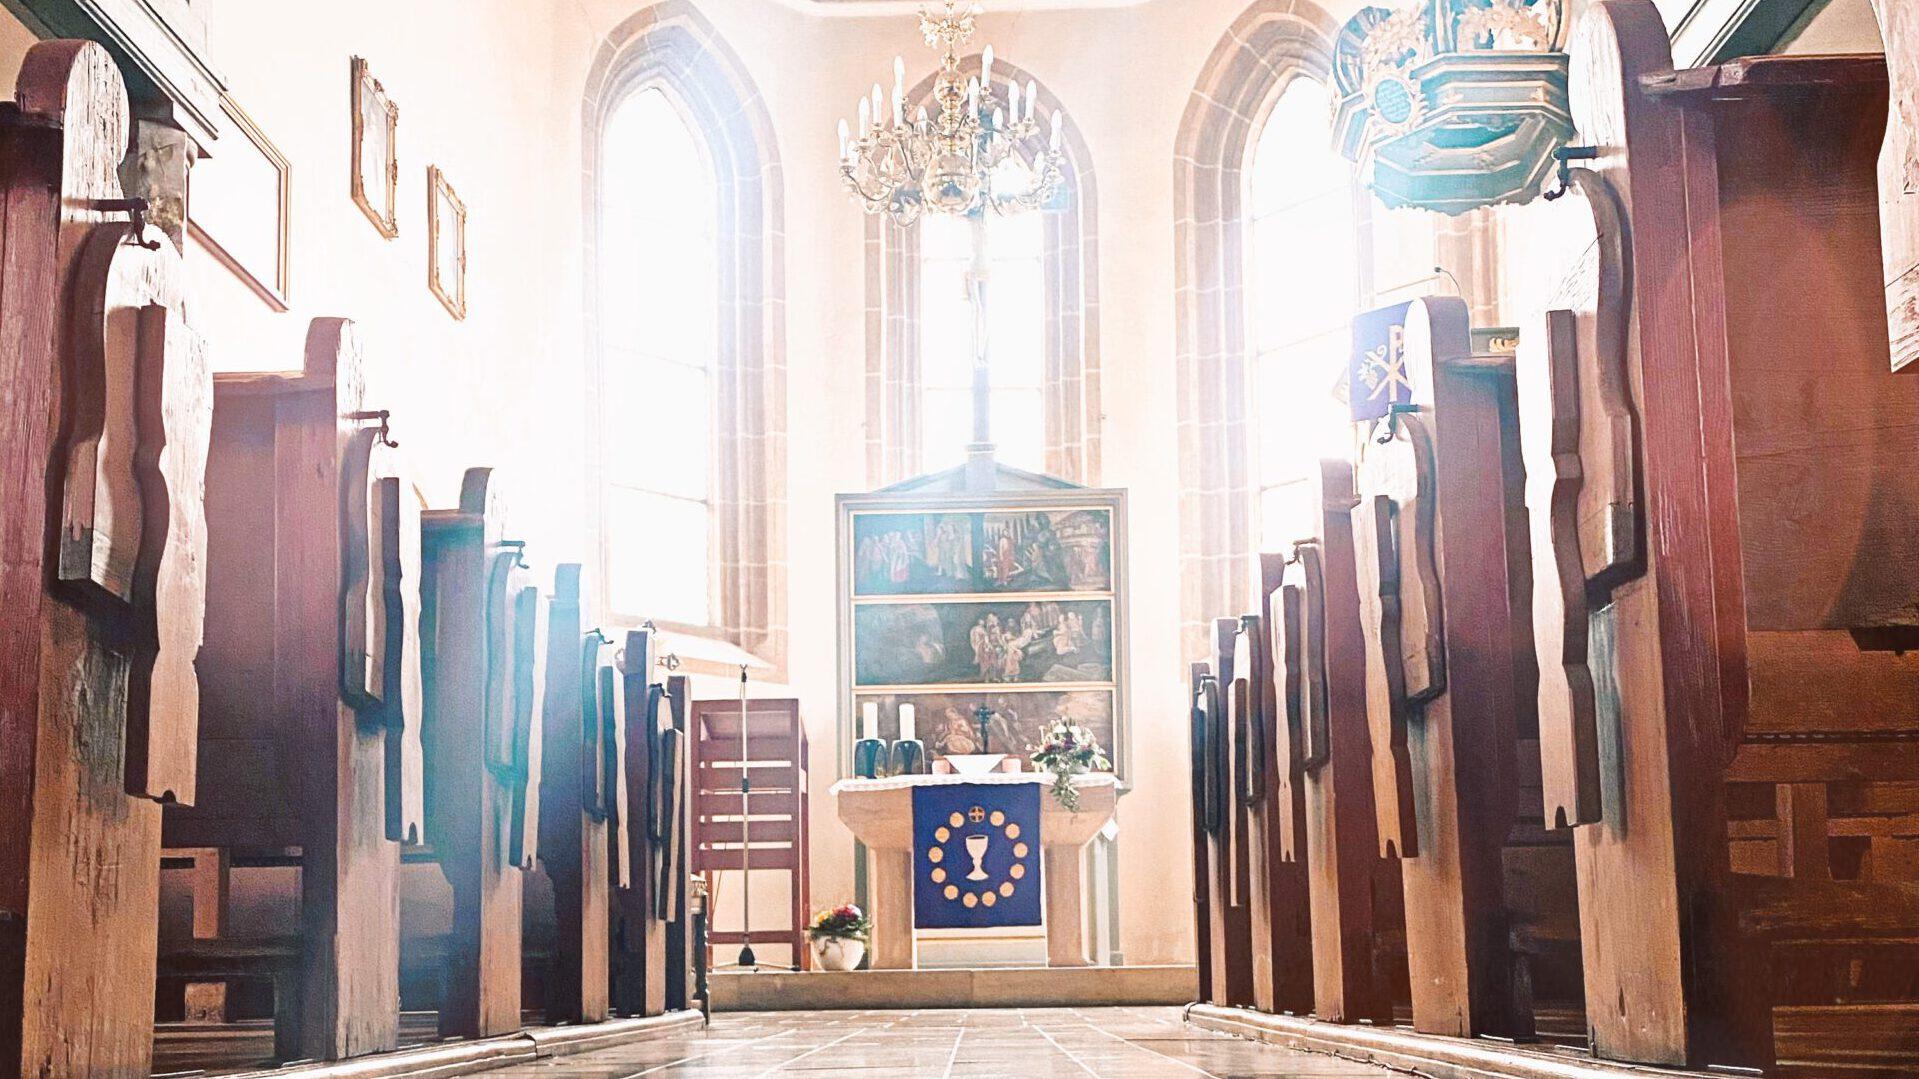 Ev.-luth. Kirchengemeinde Ammelbruch